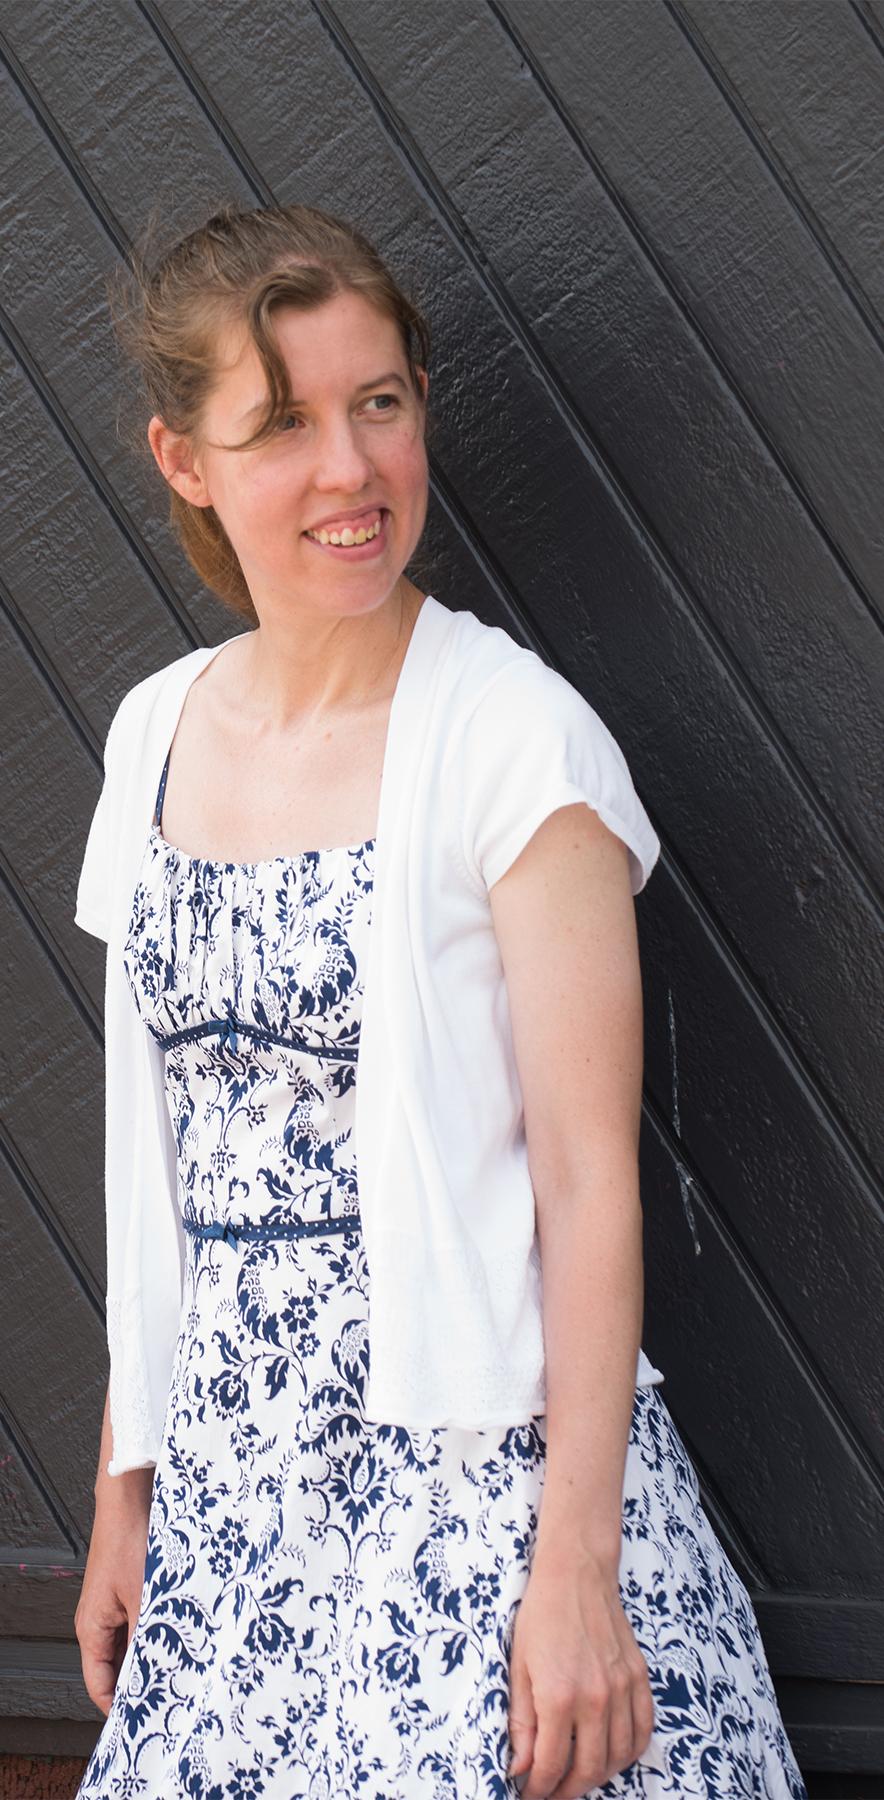 Carolyn Bucholz